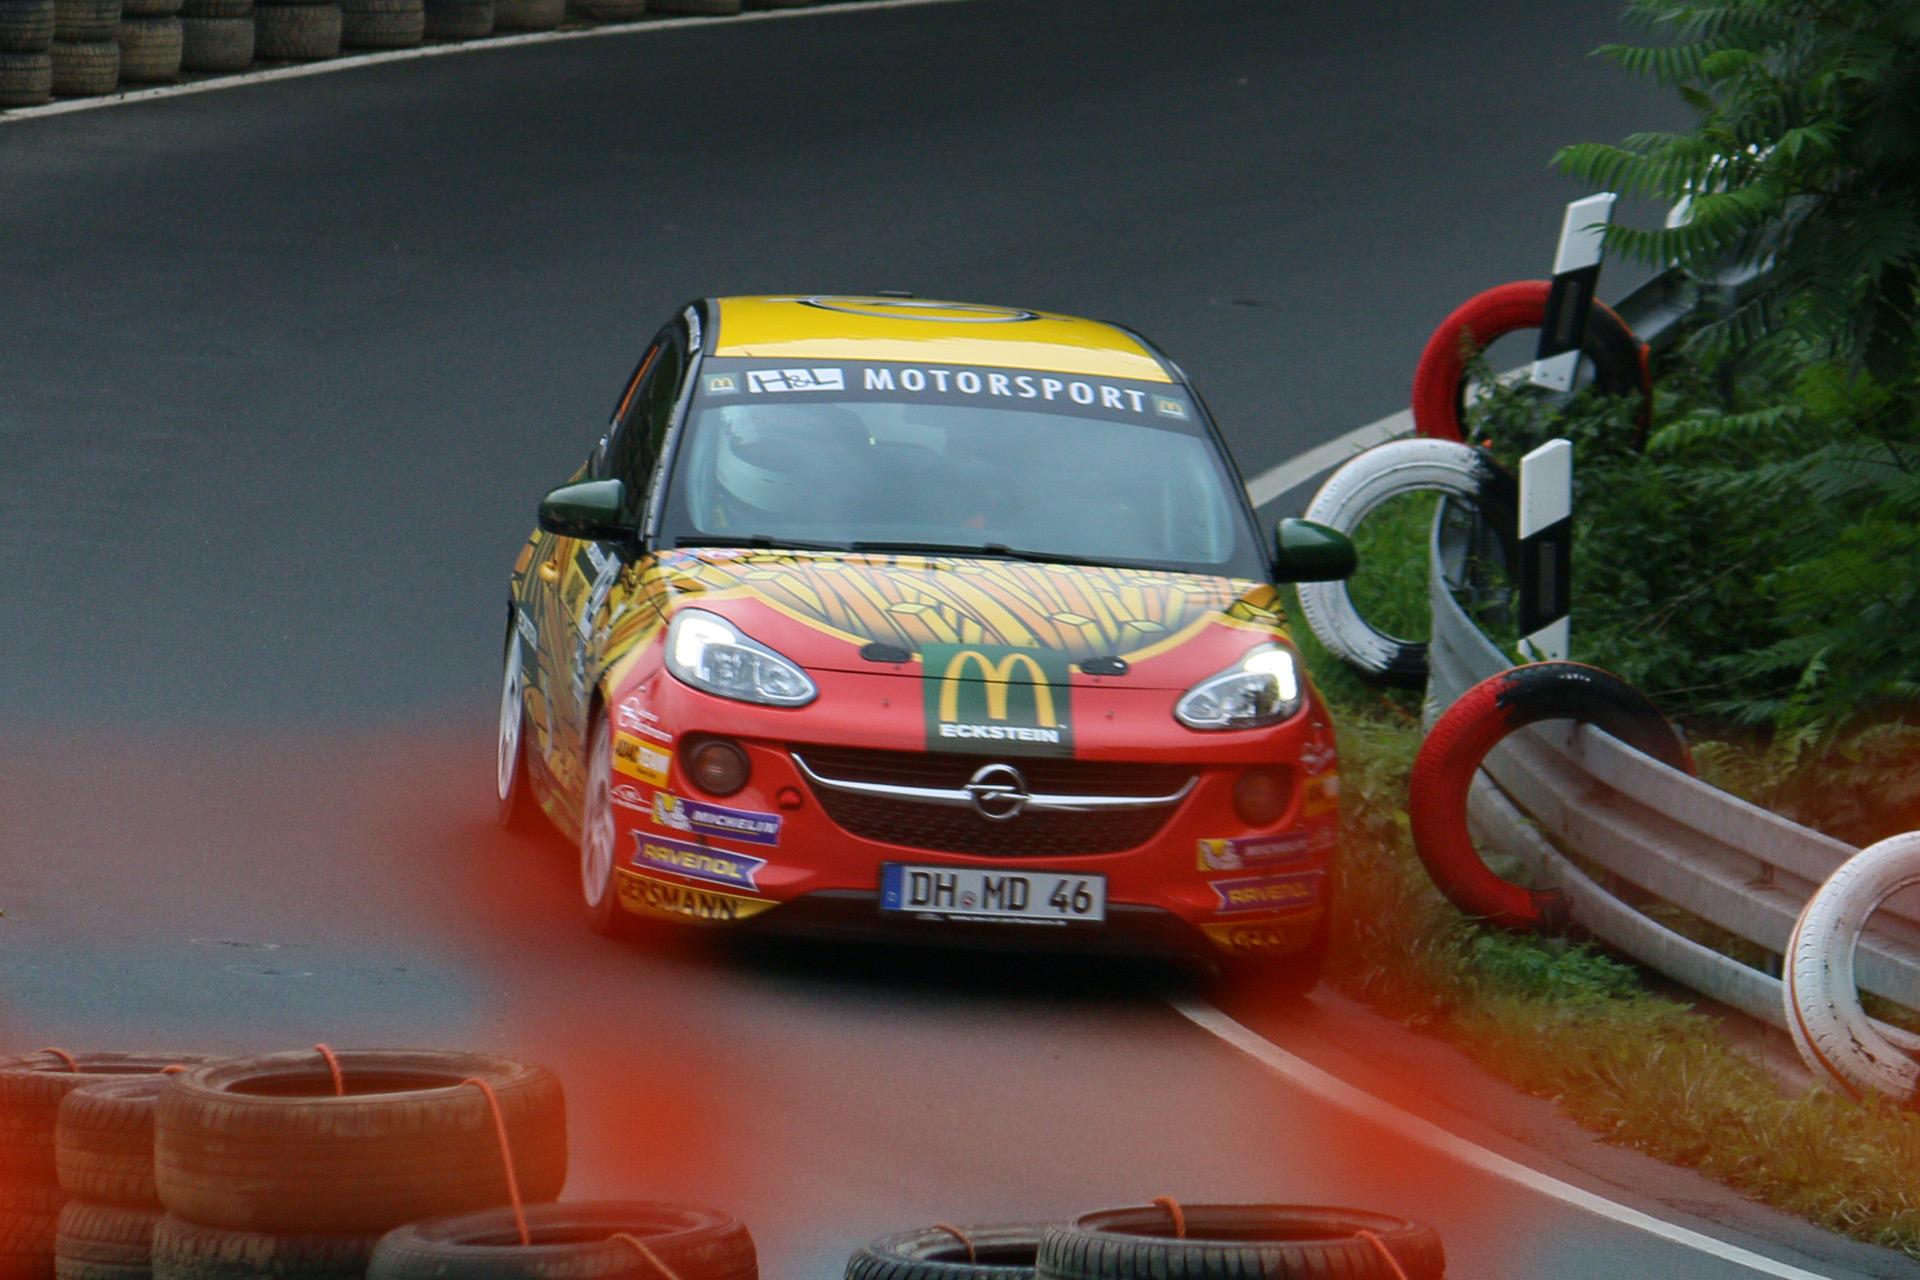 McDonald's Eckstein beim ADAC Bergrennen Borgloh, Osnabrück.